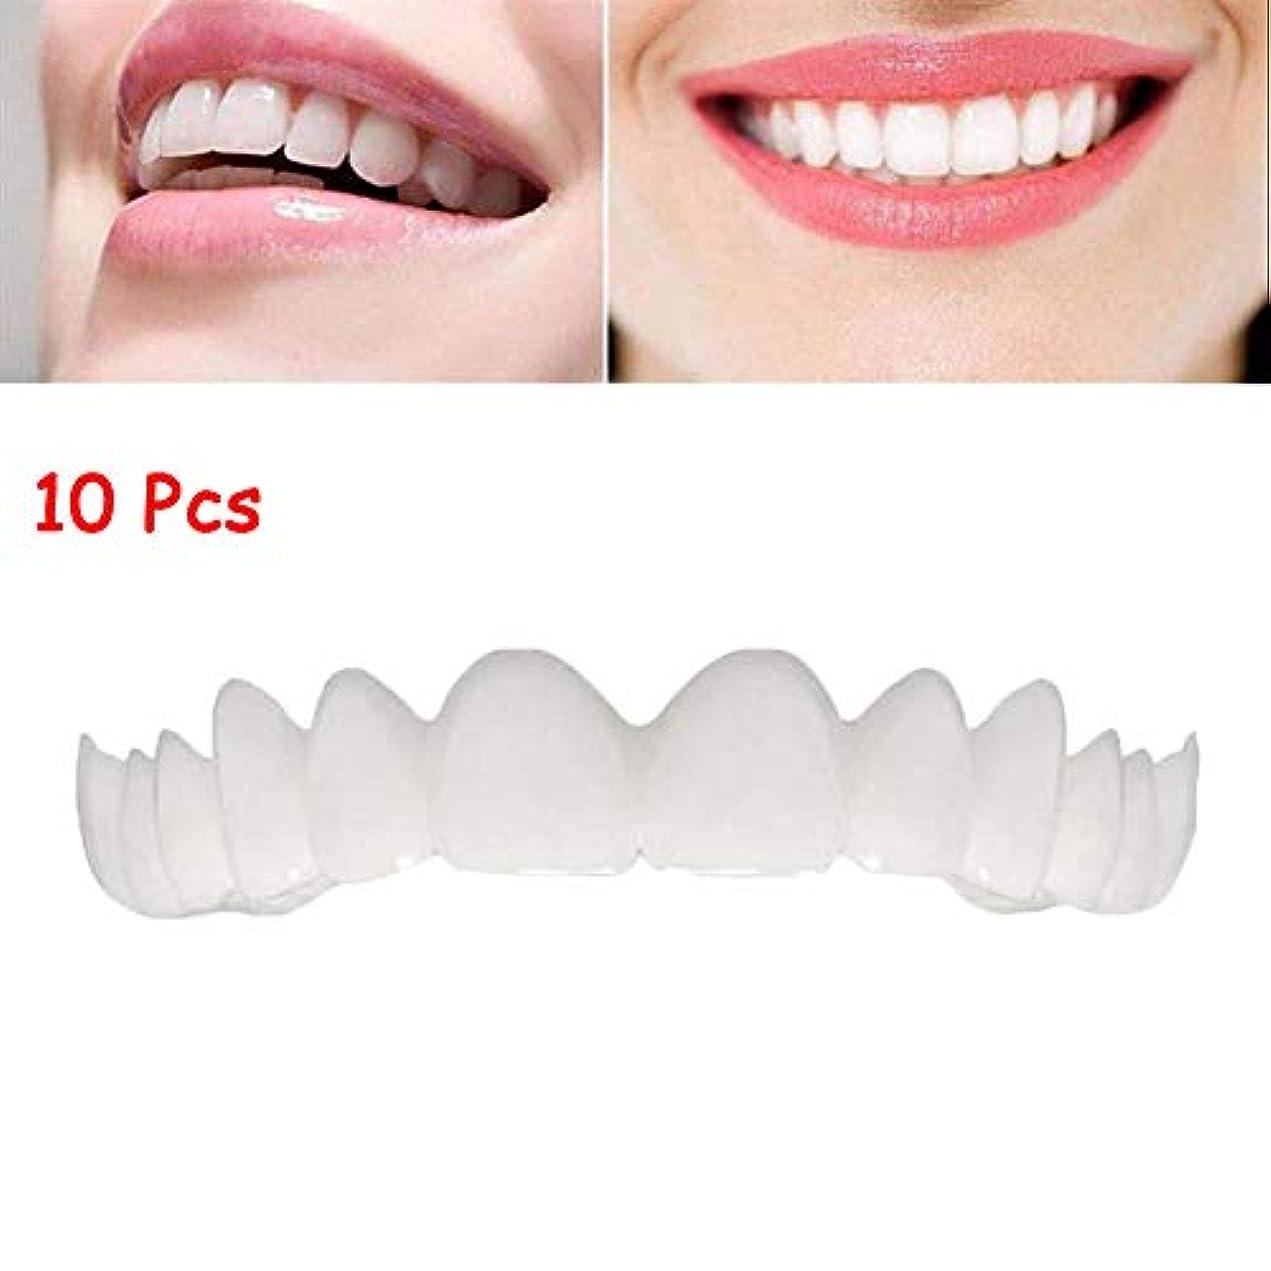 賞さらに召集する10本の一時的な化粧品の歯義歯歯の化粧品模擬装具アッパーブレースホワイトニング歯スナップキャップインスタント快適なフレックスパーフェクトベニア